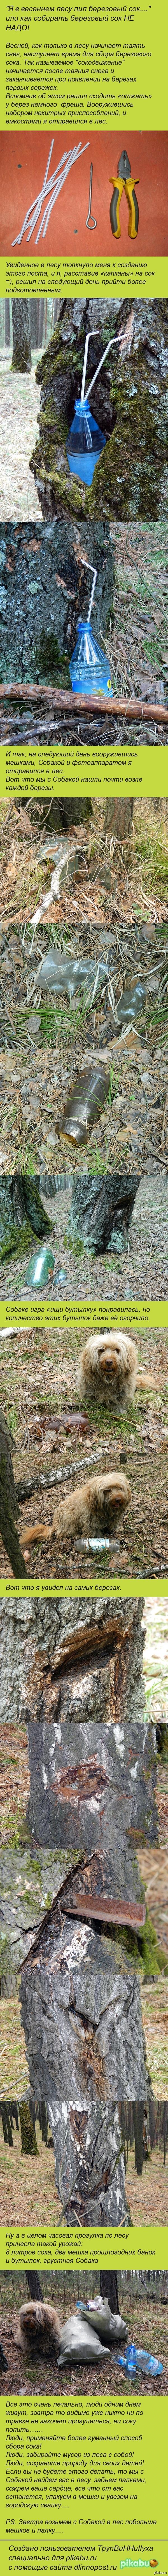 Сбор березового сока с Собакой и мешками.